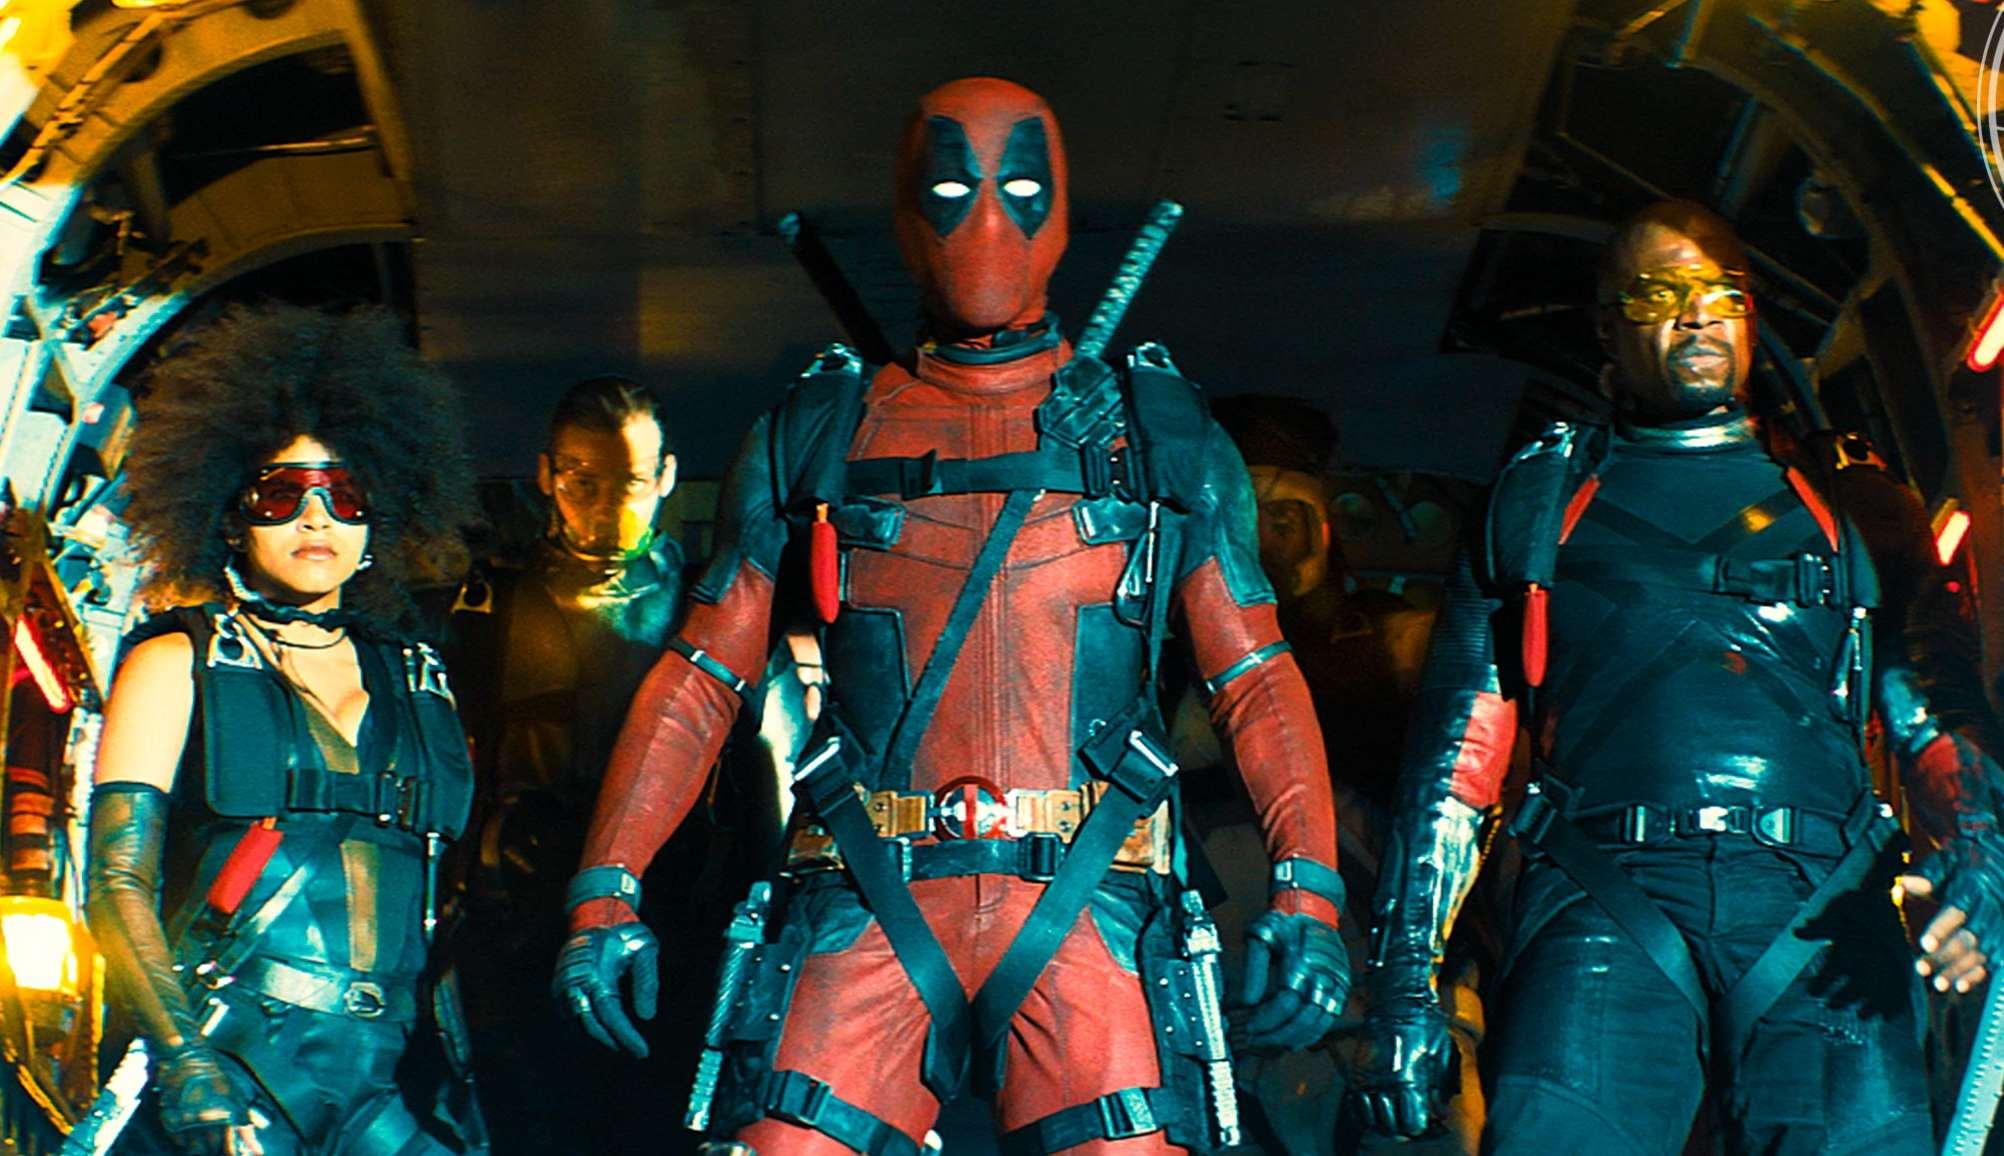 El Sumario - En pocos días el filme protagonizado por Ryan Reynolds logró una cifra que supera los 785 millones de dólares dejando a su predecesora en un segundo puesto